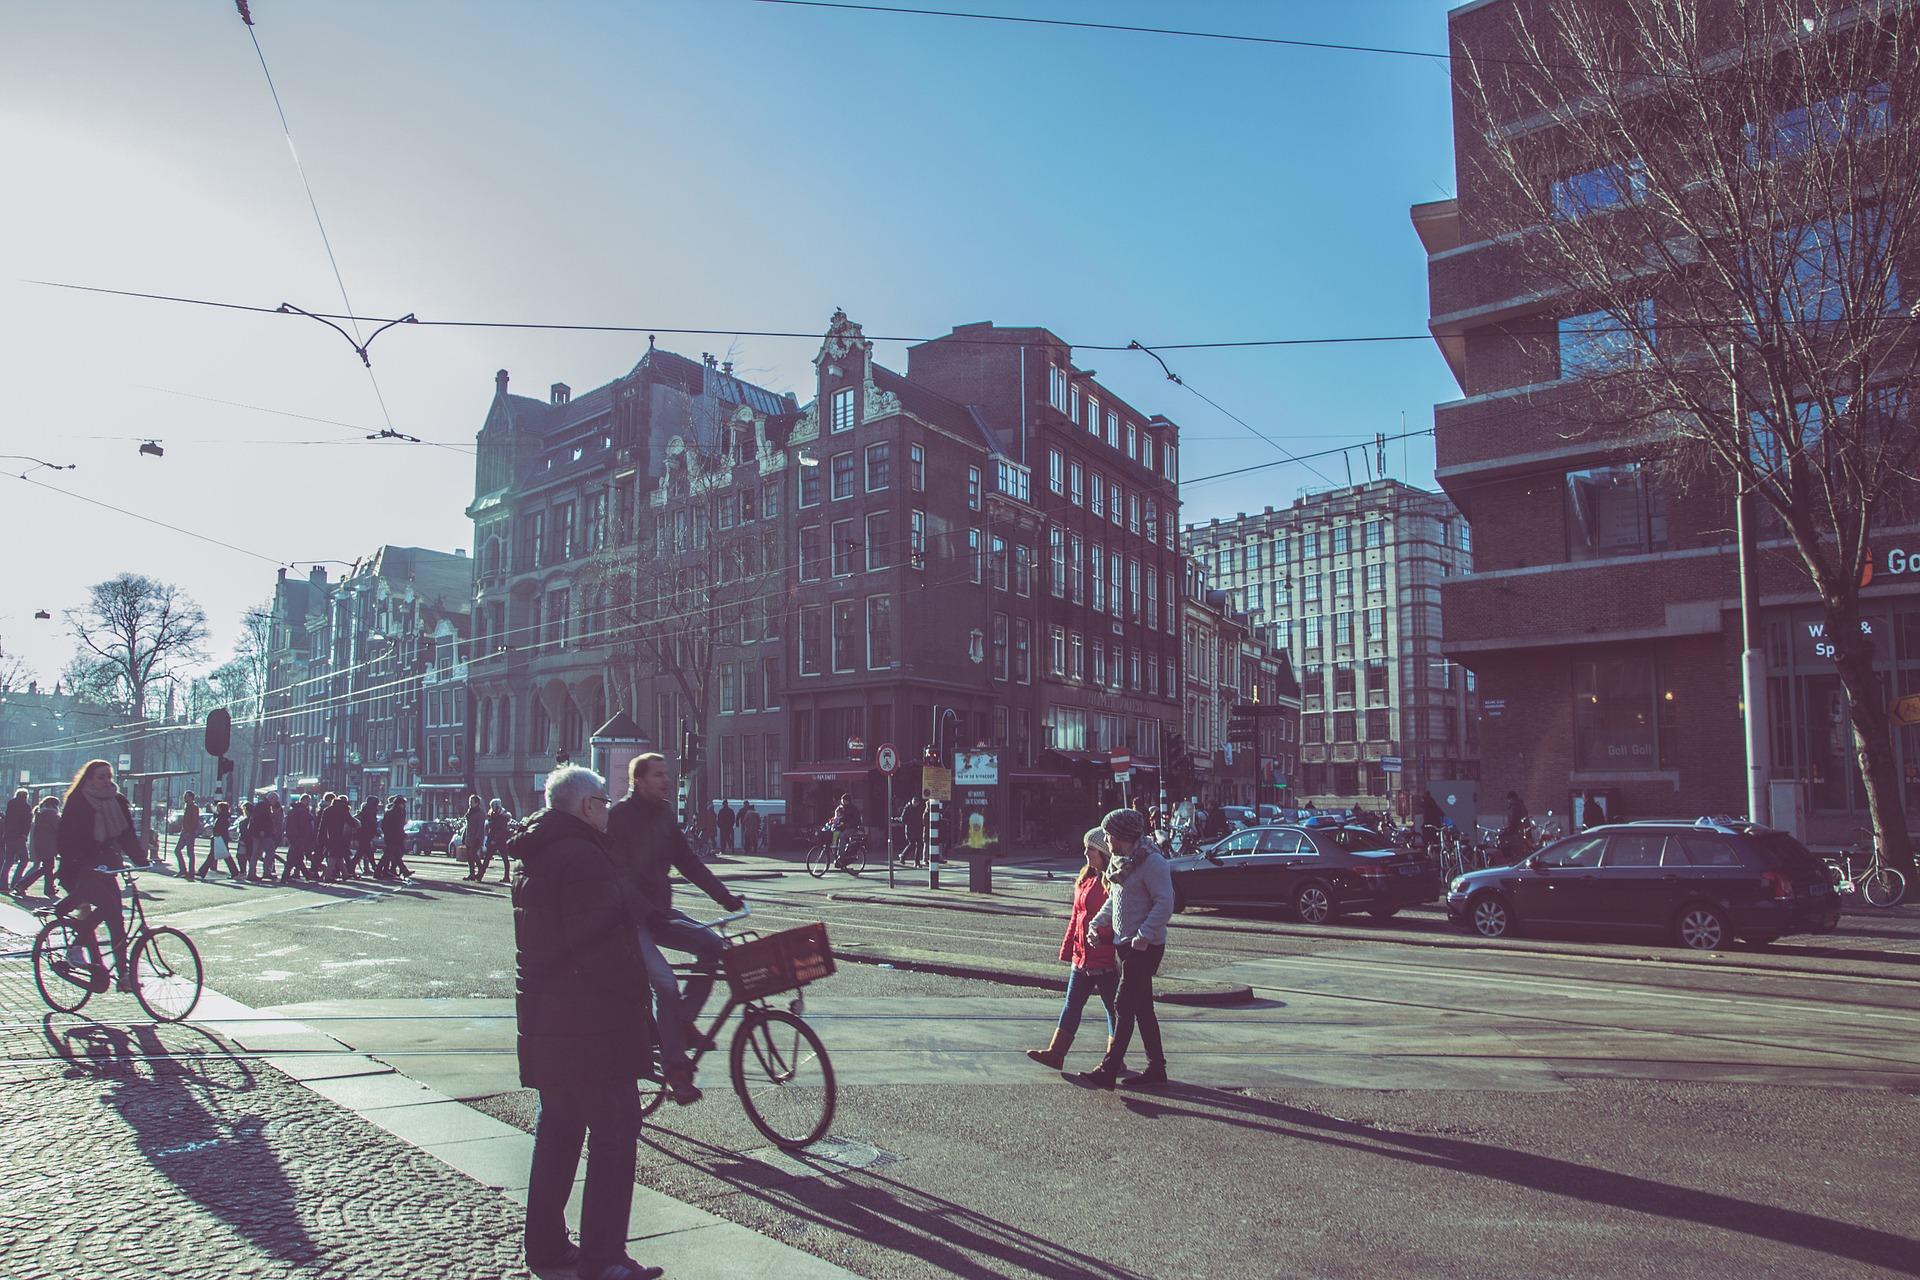 Voetgangers en verkeer in Amsterdam